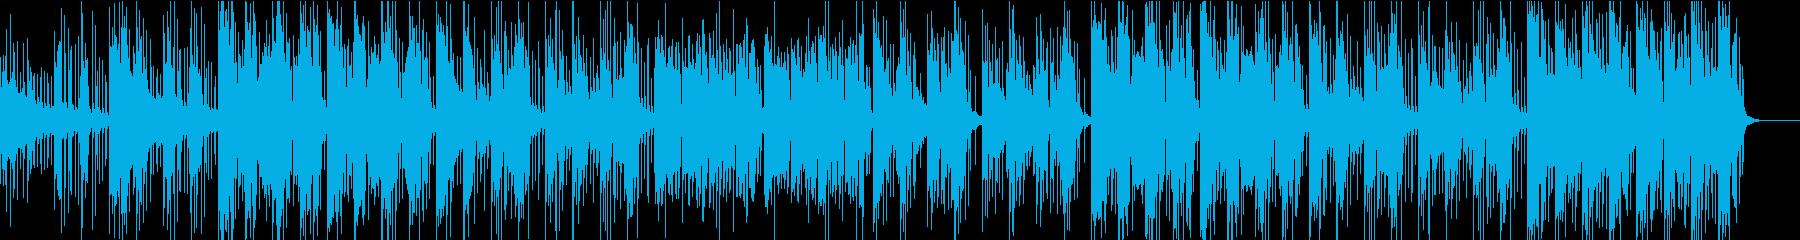 子供向けキュートなチップミュージックの再生済みの波形